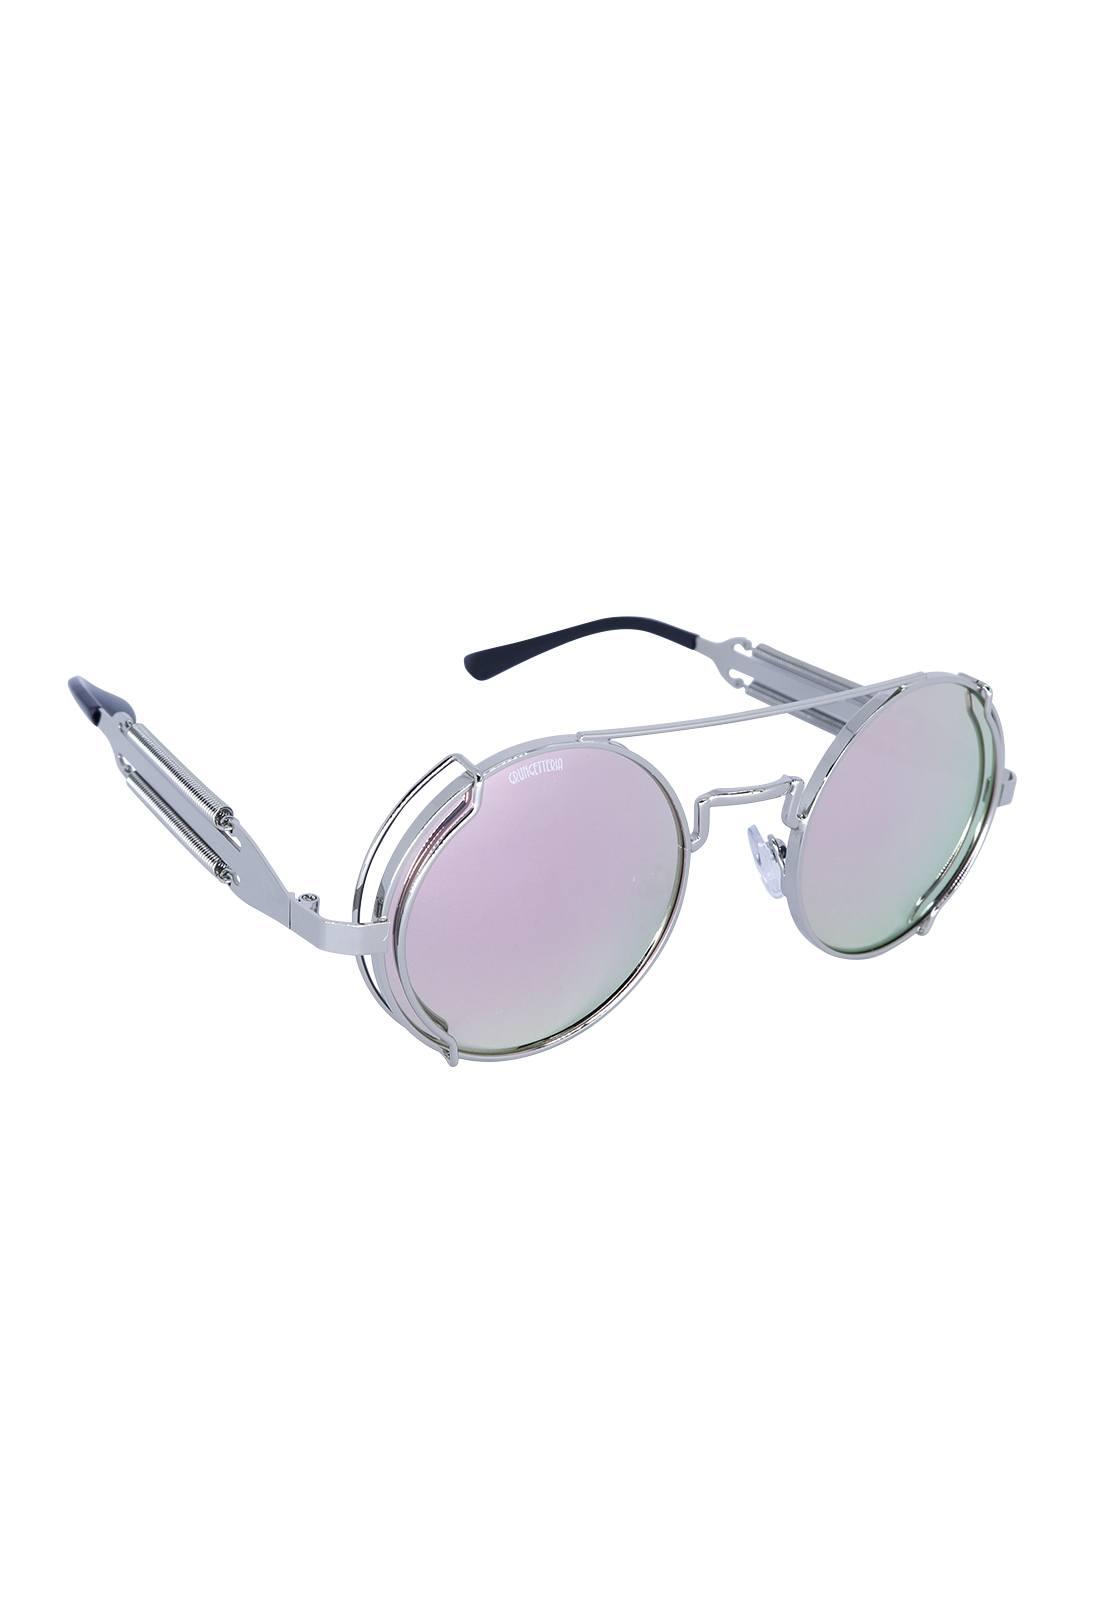 Óculos de Sol Grungetteria Fiction Cromada